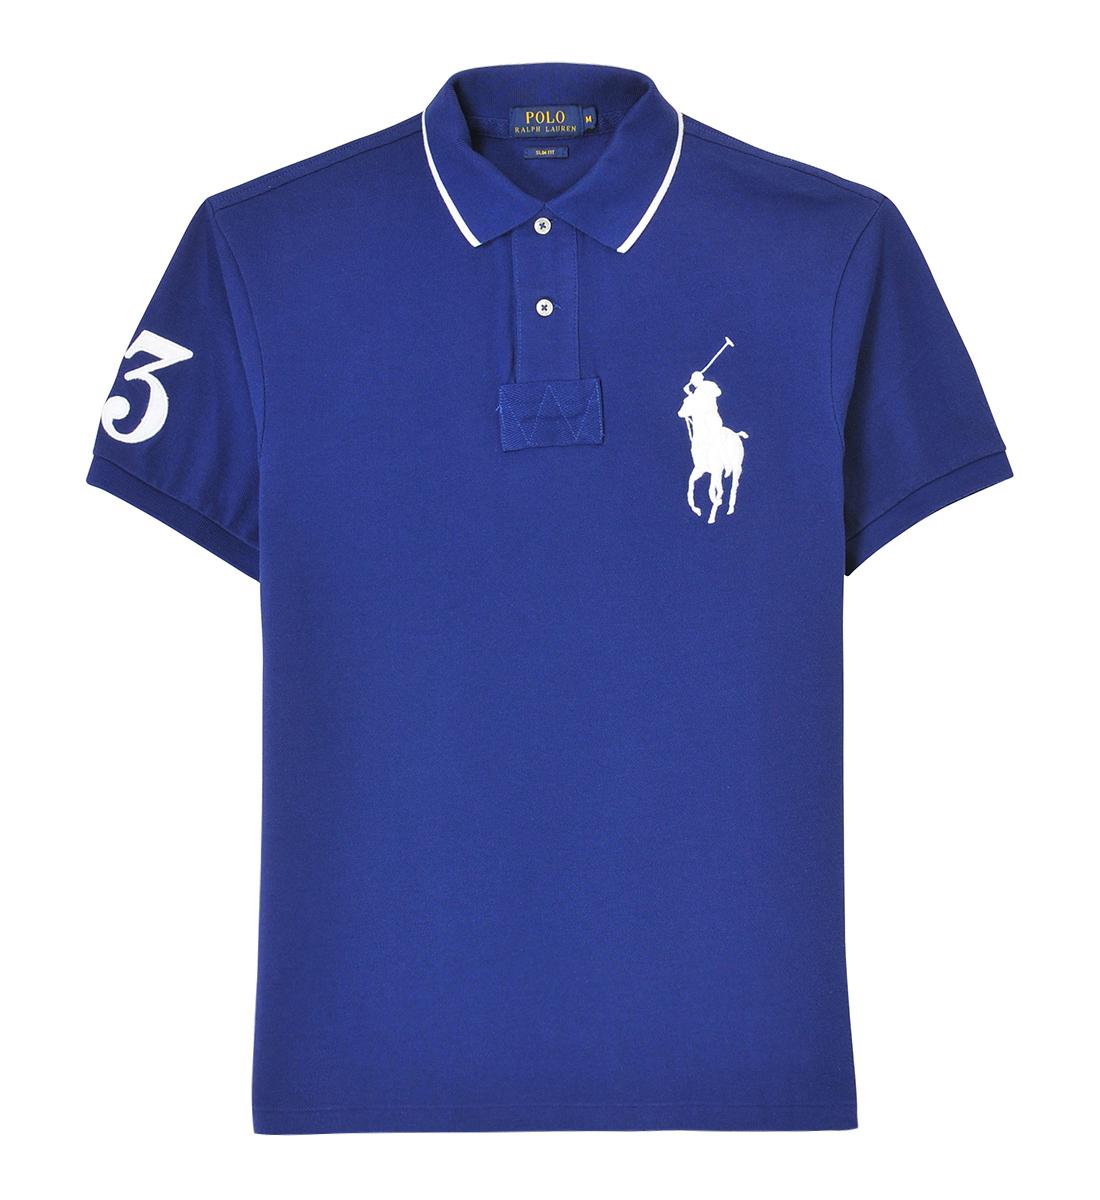 Acheter polo ralph lauren pas cher big pony original pas cher ici en ligne  avec le prix le plus bas possible. Remises spéciales sur les nouvelles  offres ... 3b87f0999bb4